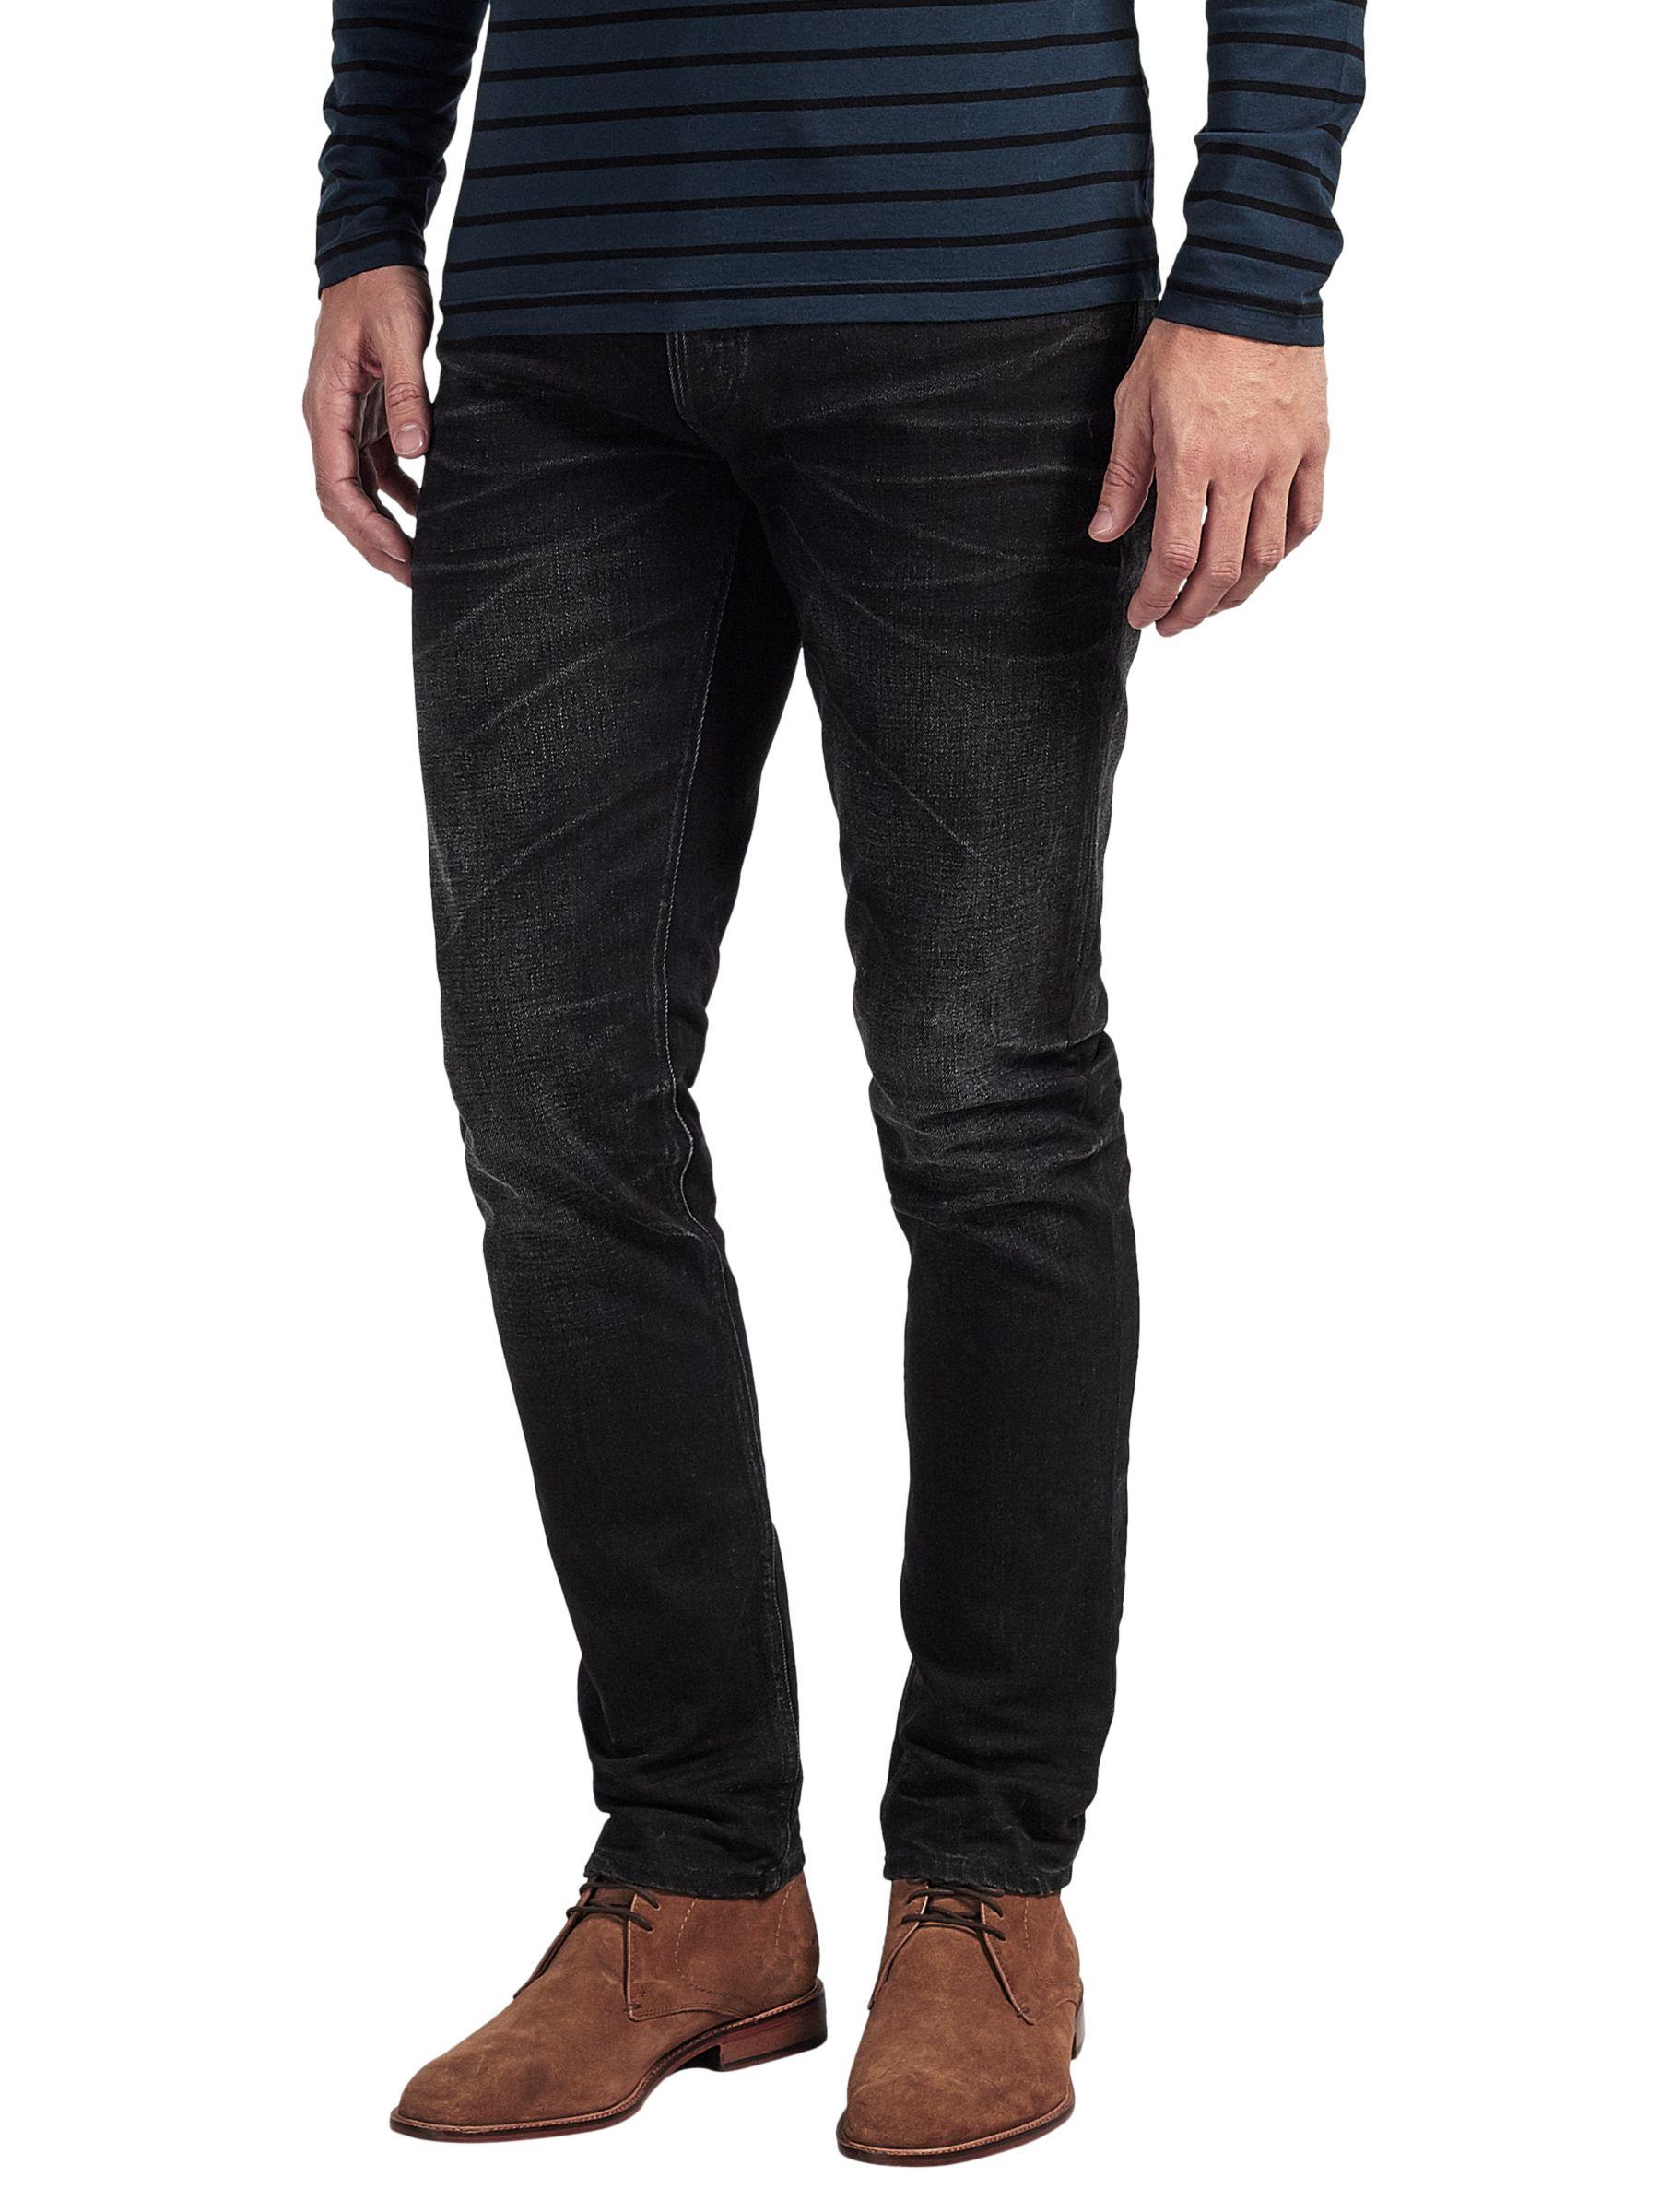 Denham Denham Razor AB1Y Jeans, Washed Black